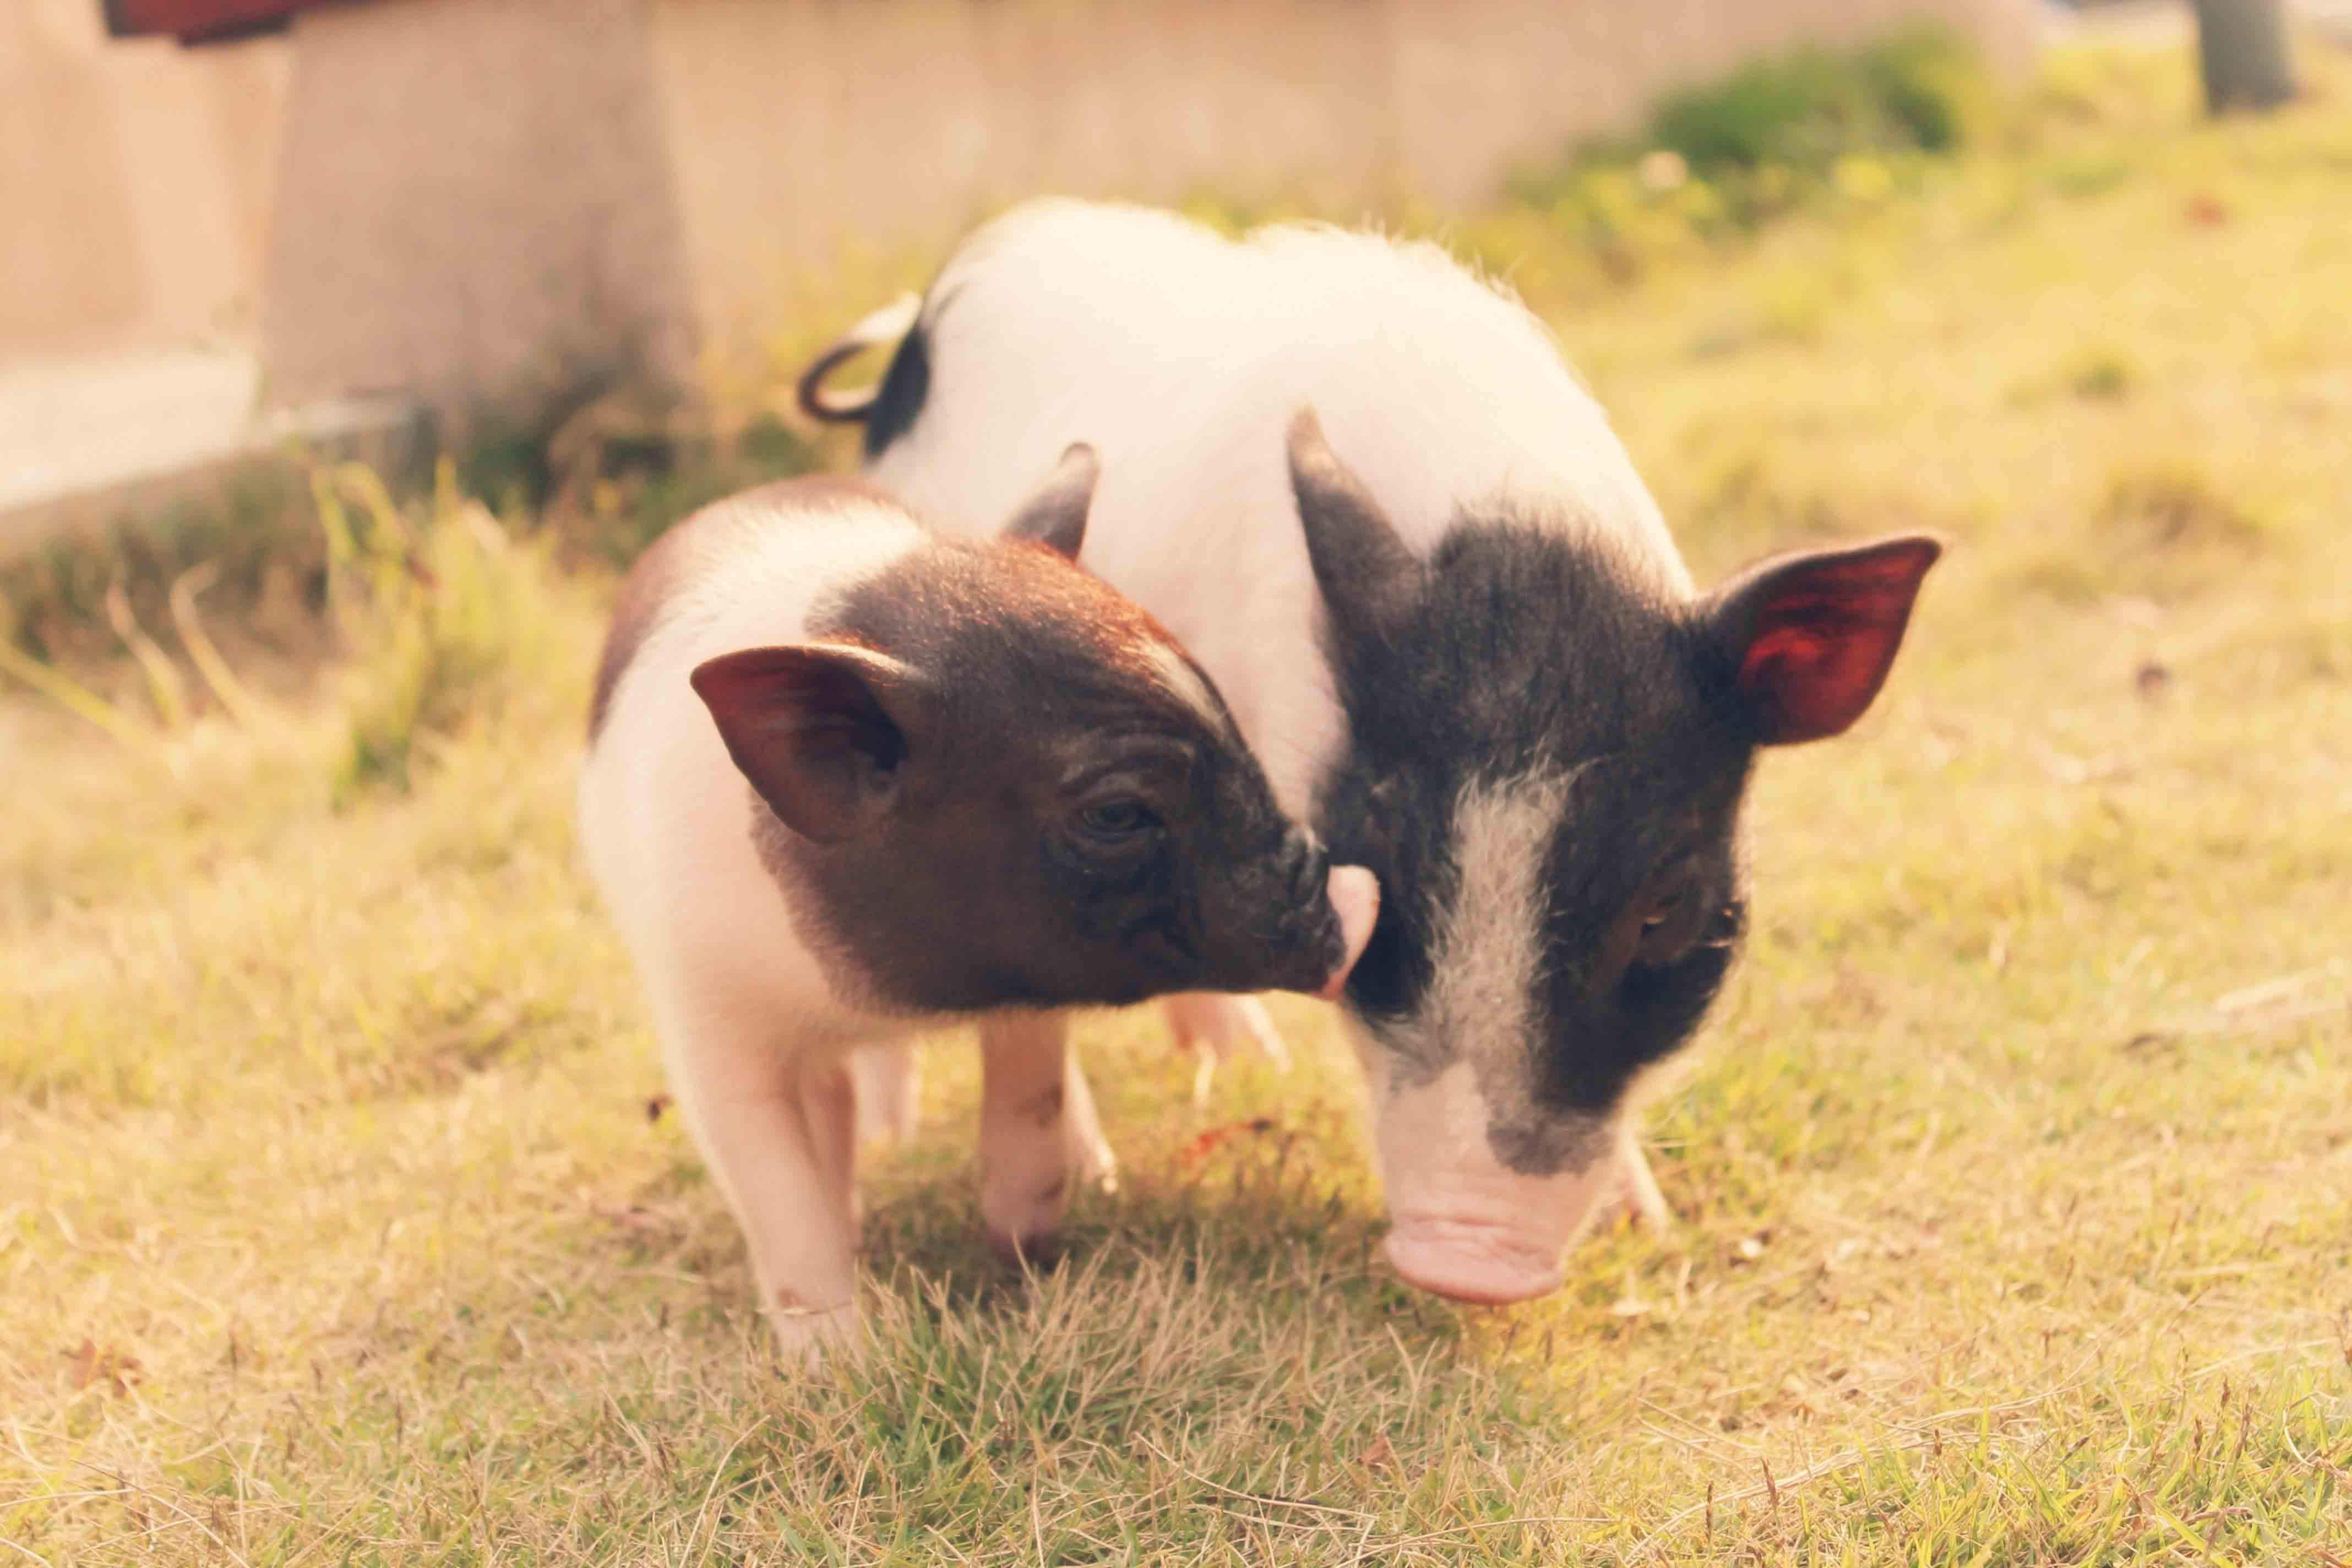 9月22日全国20公斤仔猪价格表,上海长宁20公斤外三元仔猪价格为1200元/头!